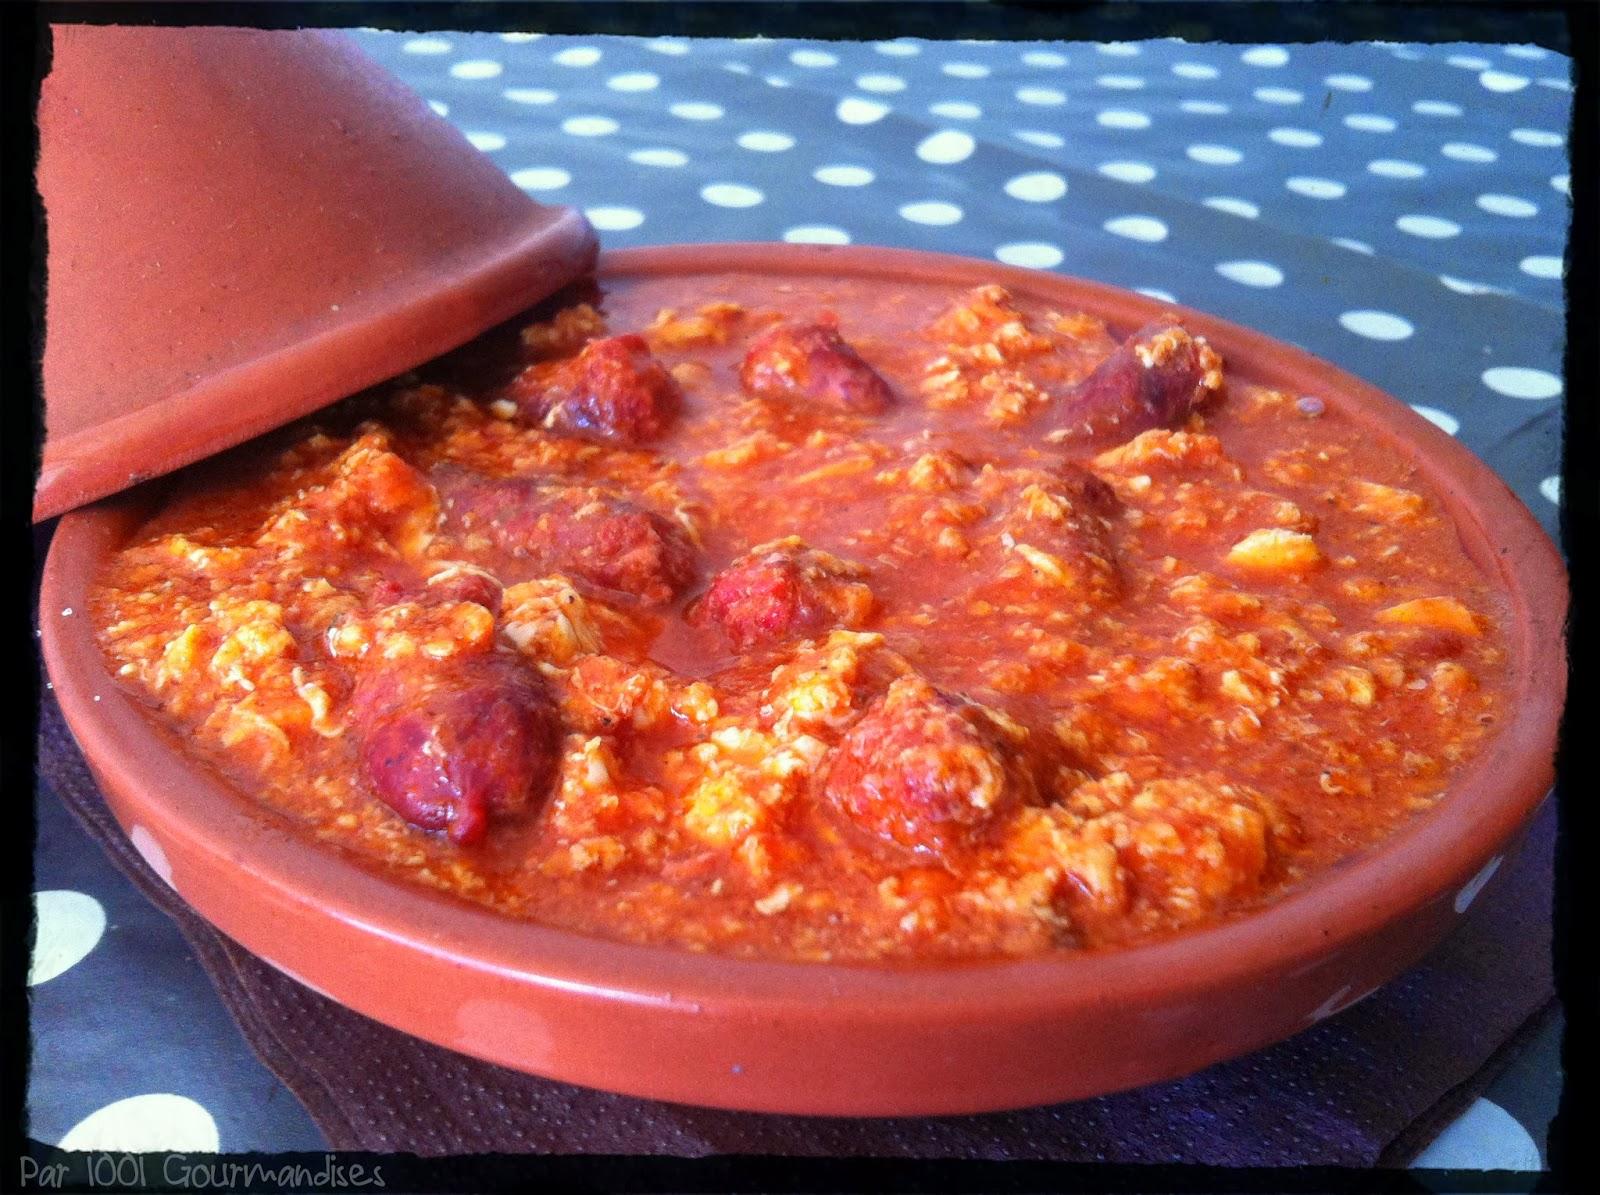 Recettes de cuisine rapides faciles et gratuites new recettes tagine au mergez recettes de - Recette cuisine gratuite ...